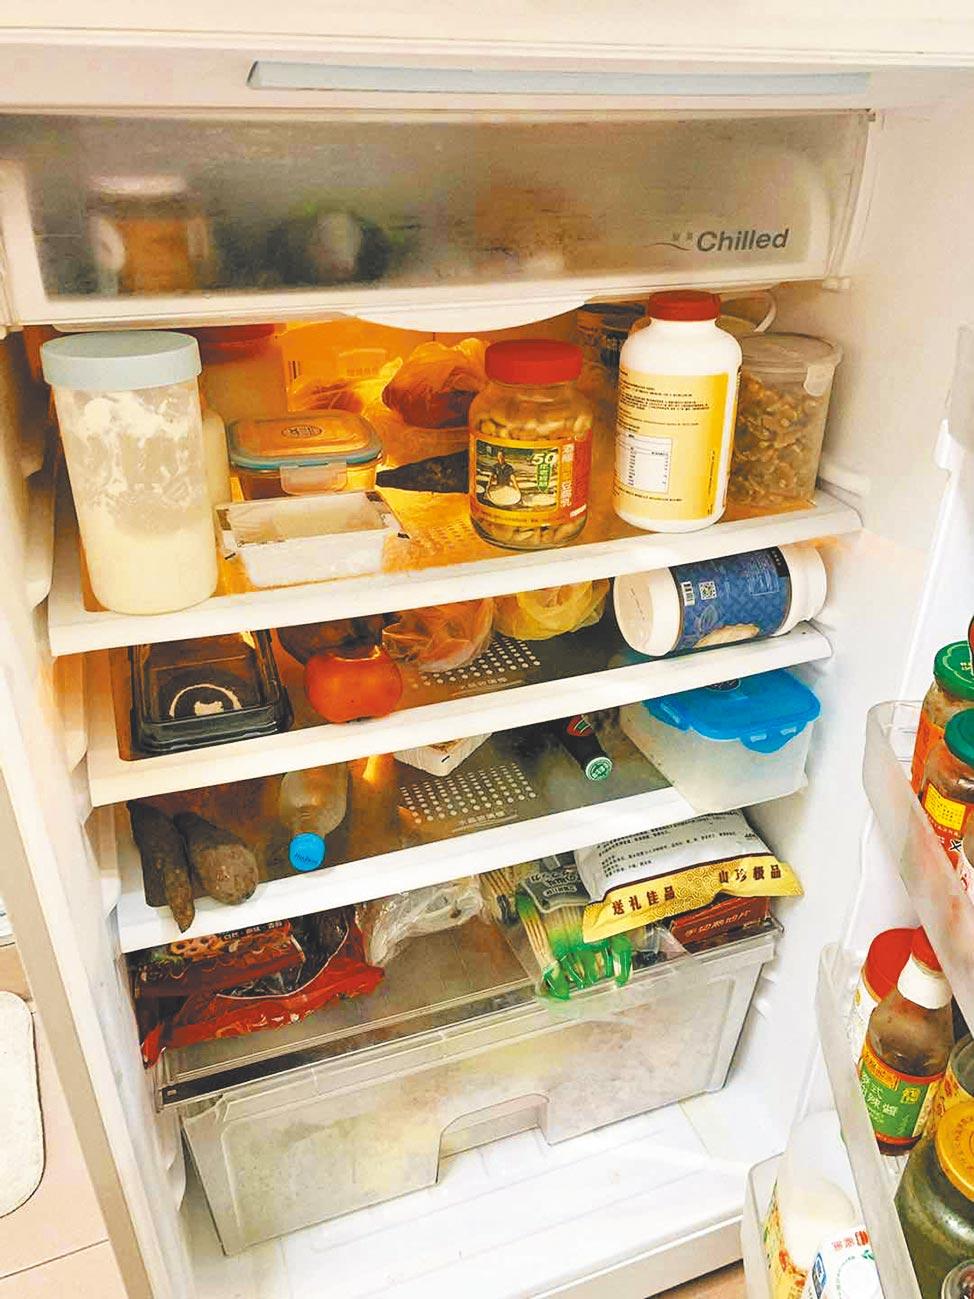 冰箱放满食物,充满生活味。(作者提供)